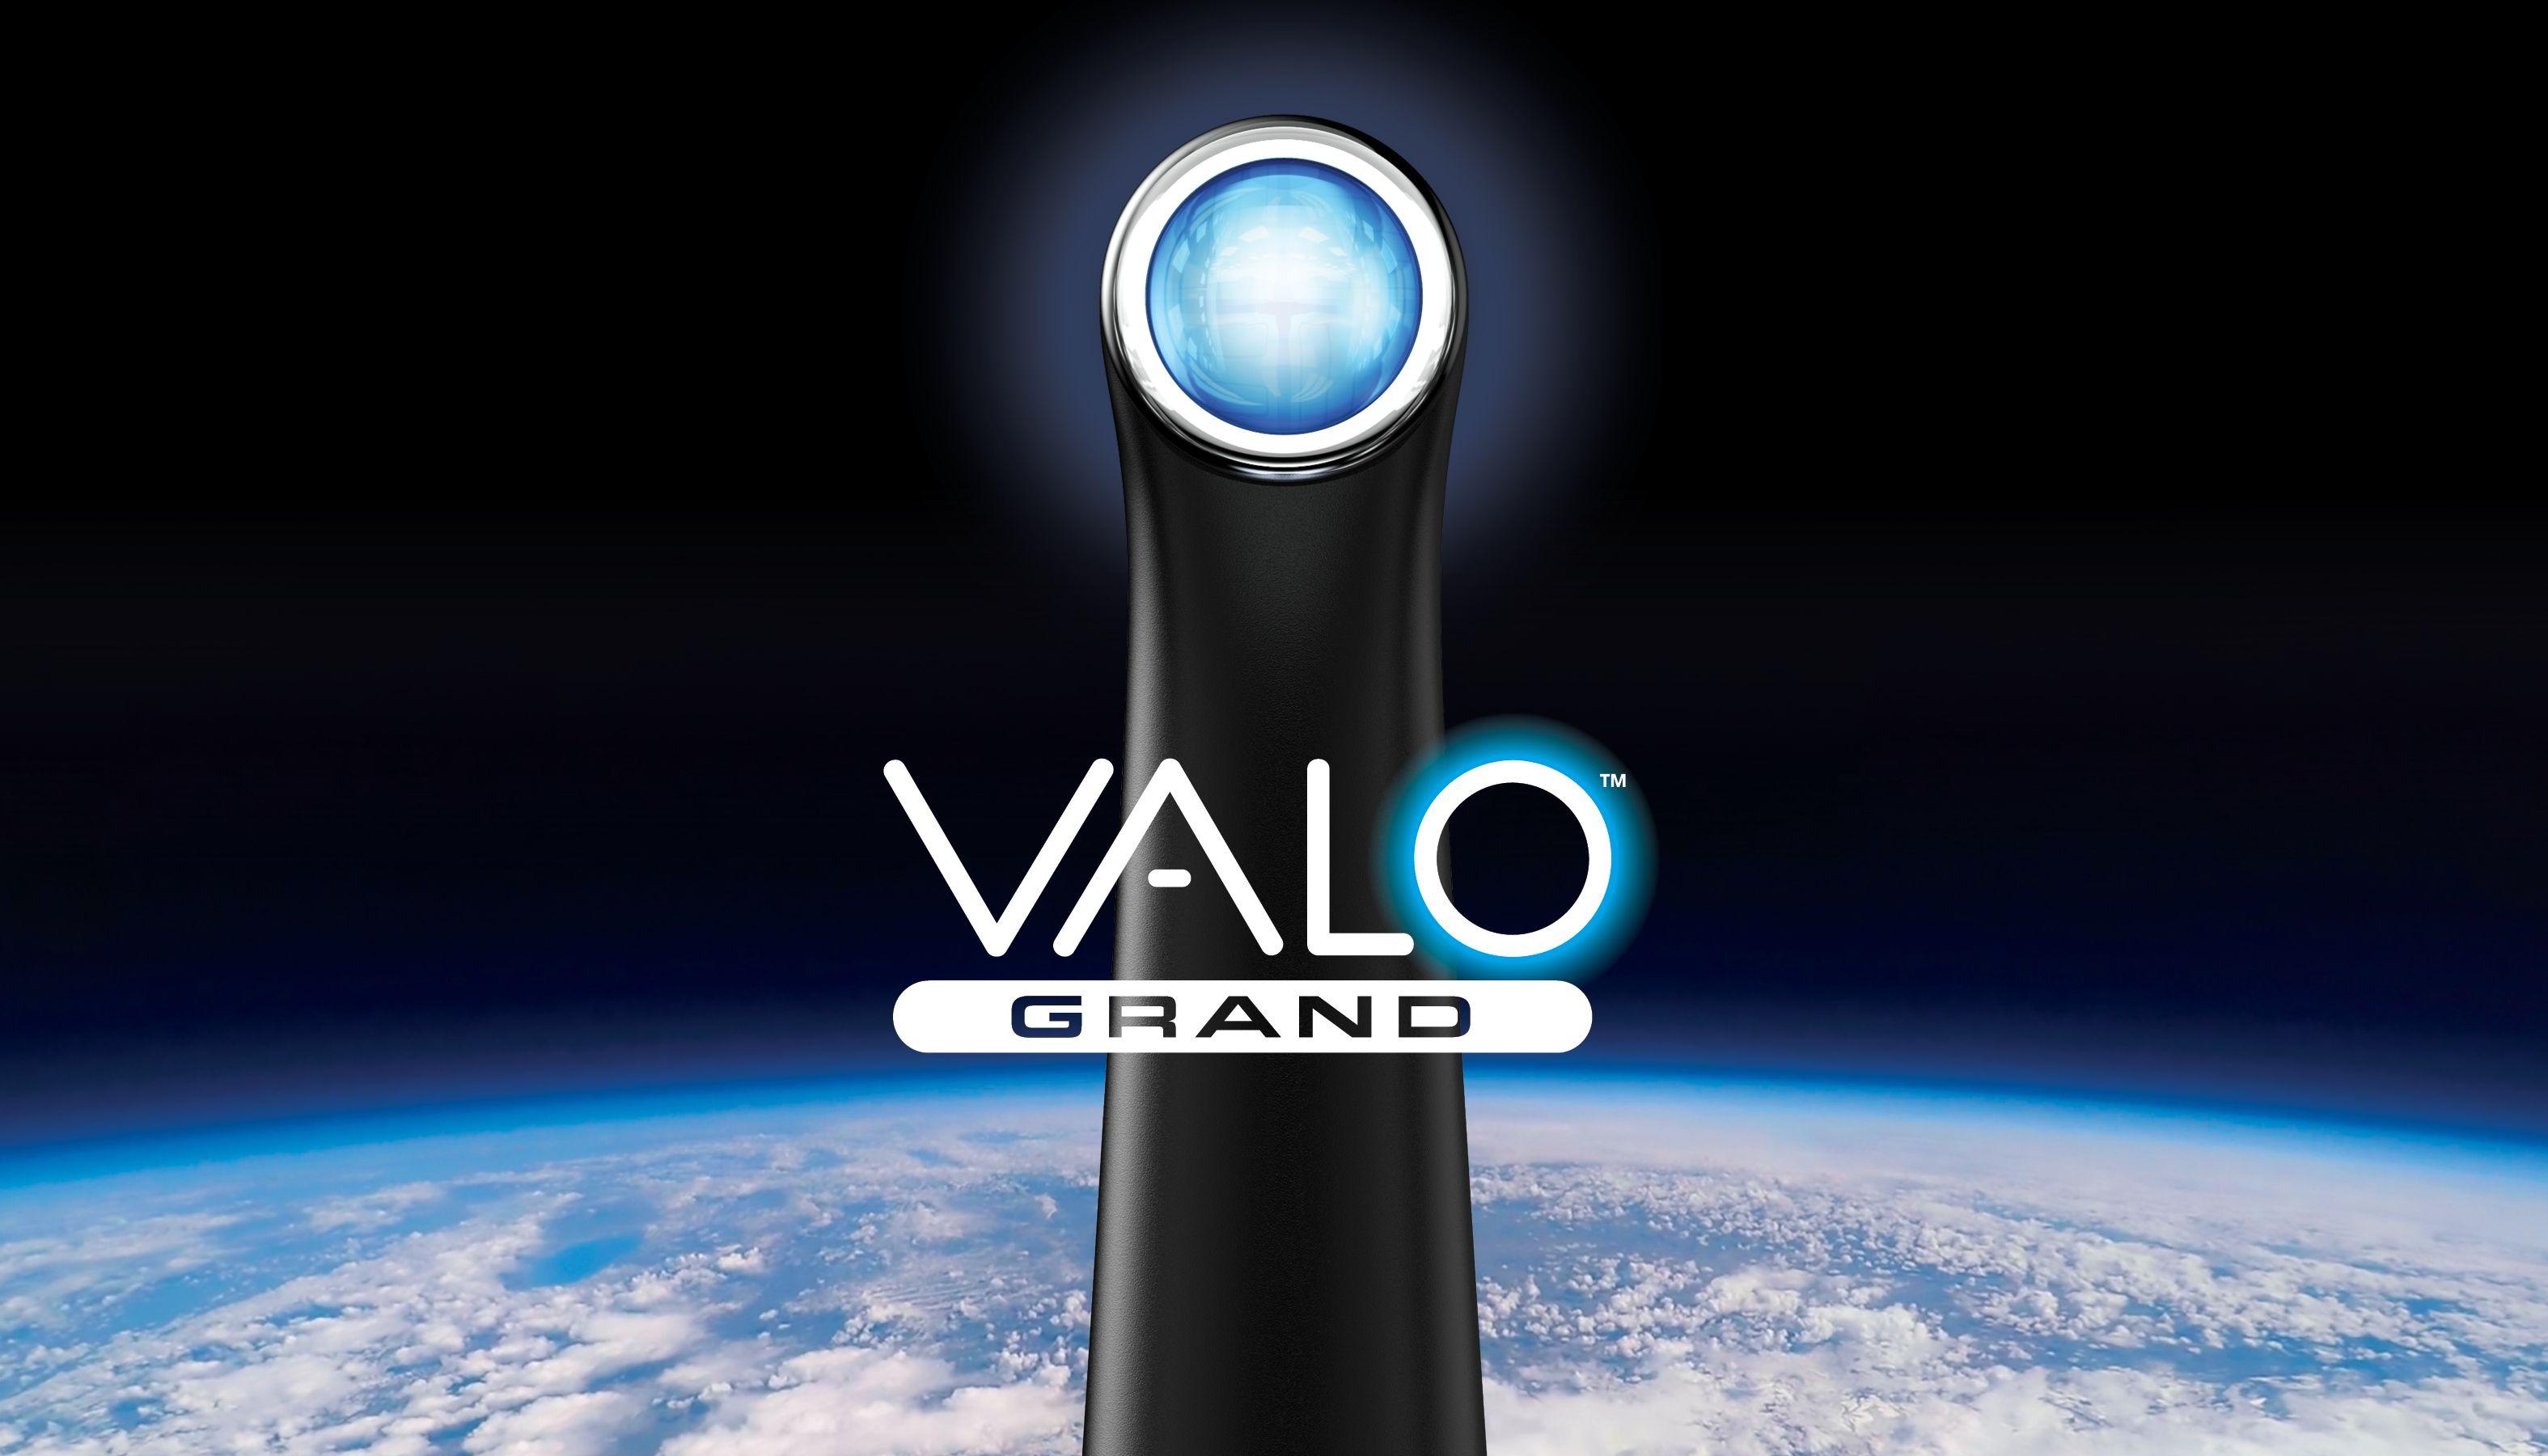 VALO™ Grand